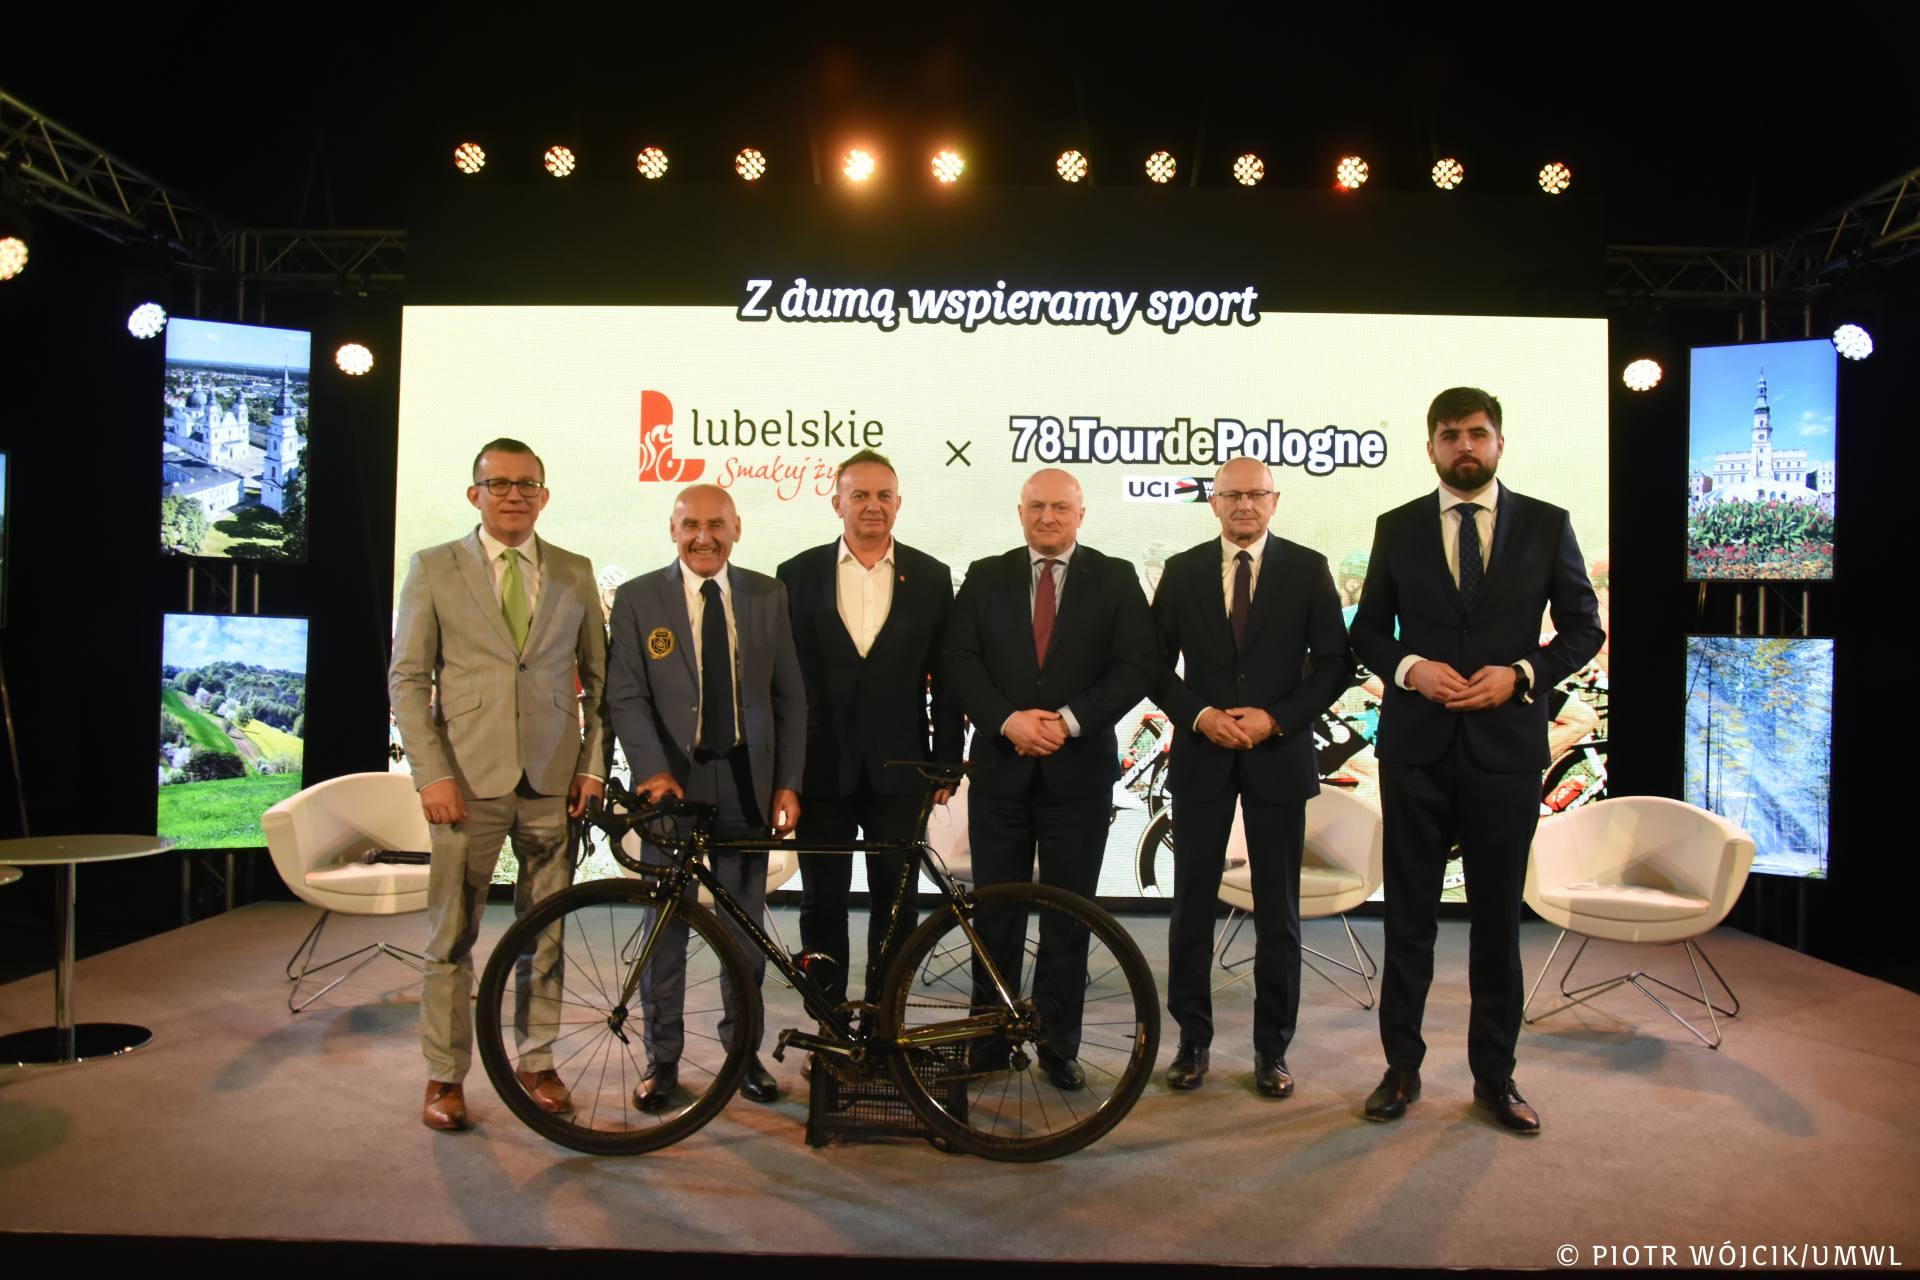 umw 0227 Tour de Pologne 2021: Kolarze pojadą m.in. przez: Radecznicę, Nielisz, Zamość i Krasnobród.